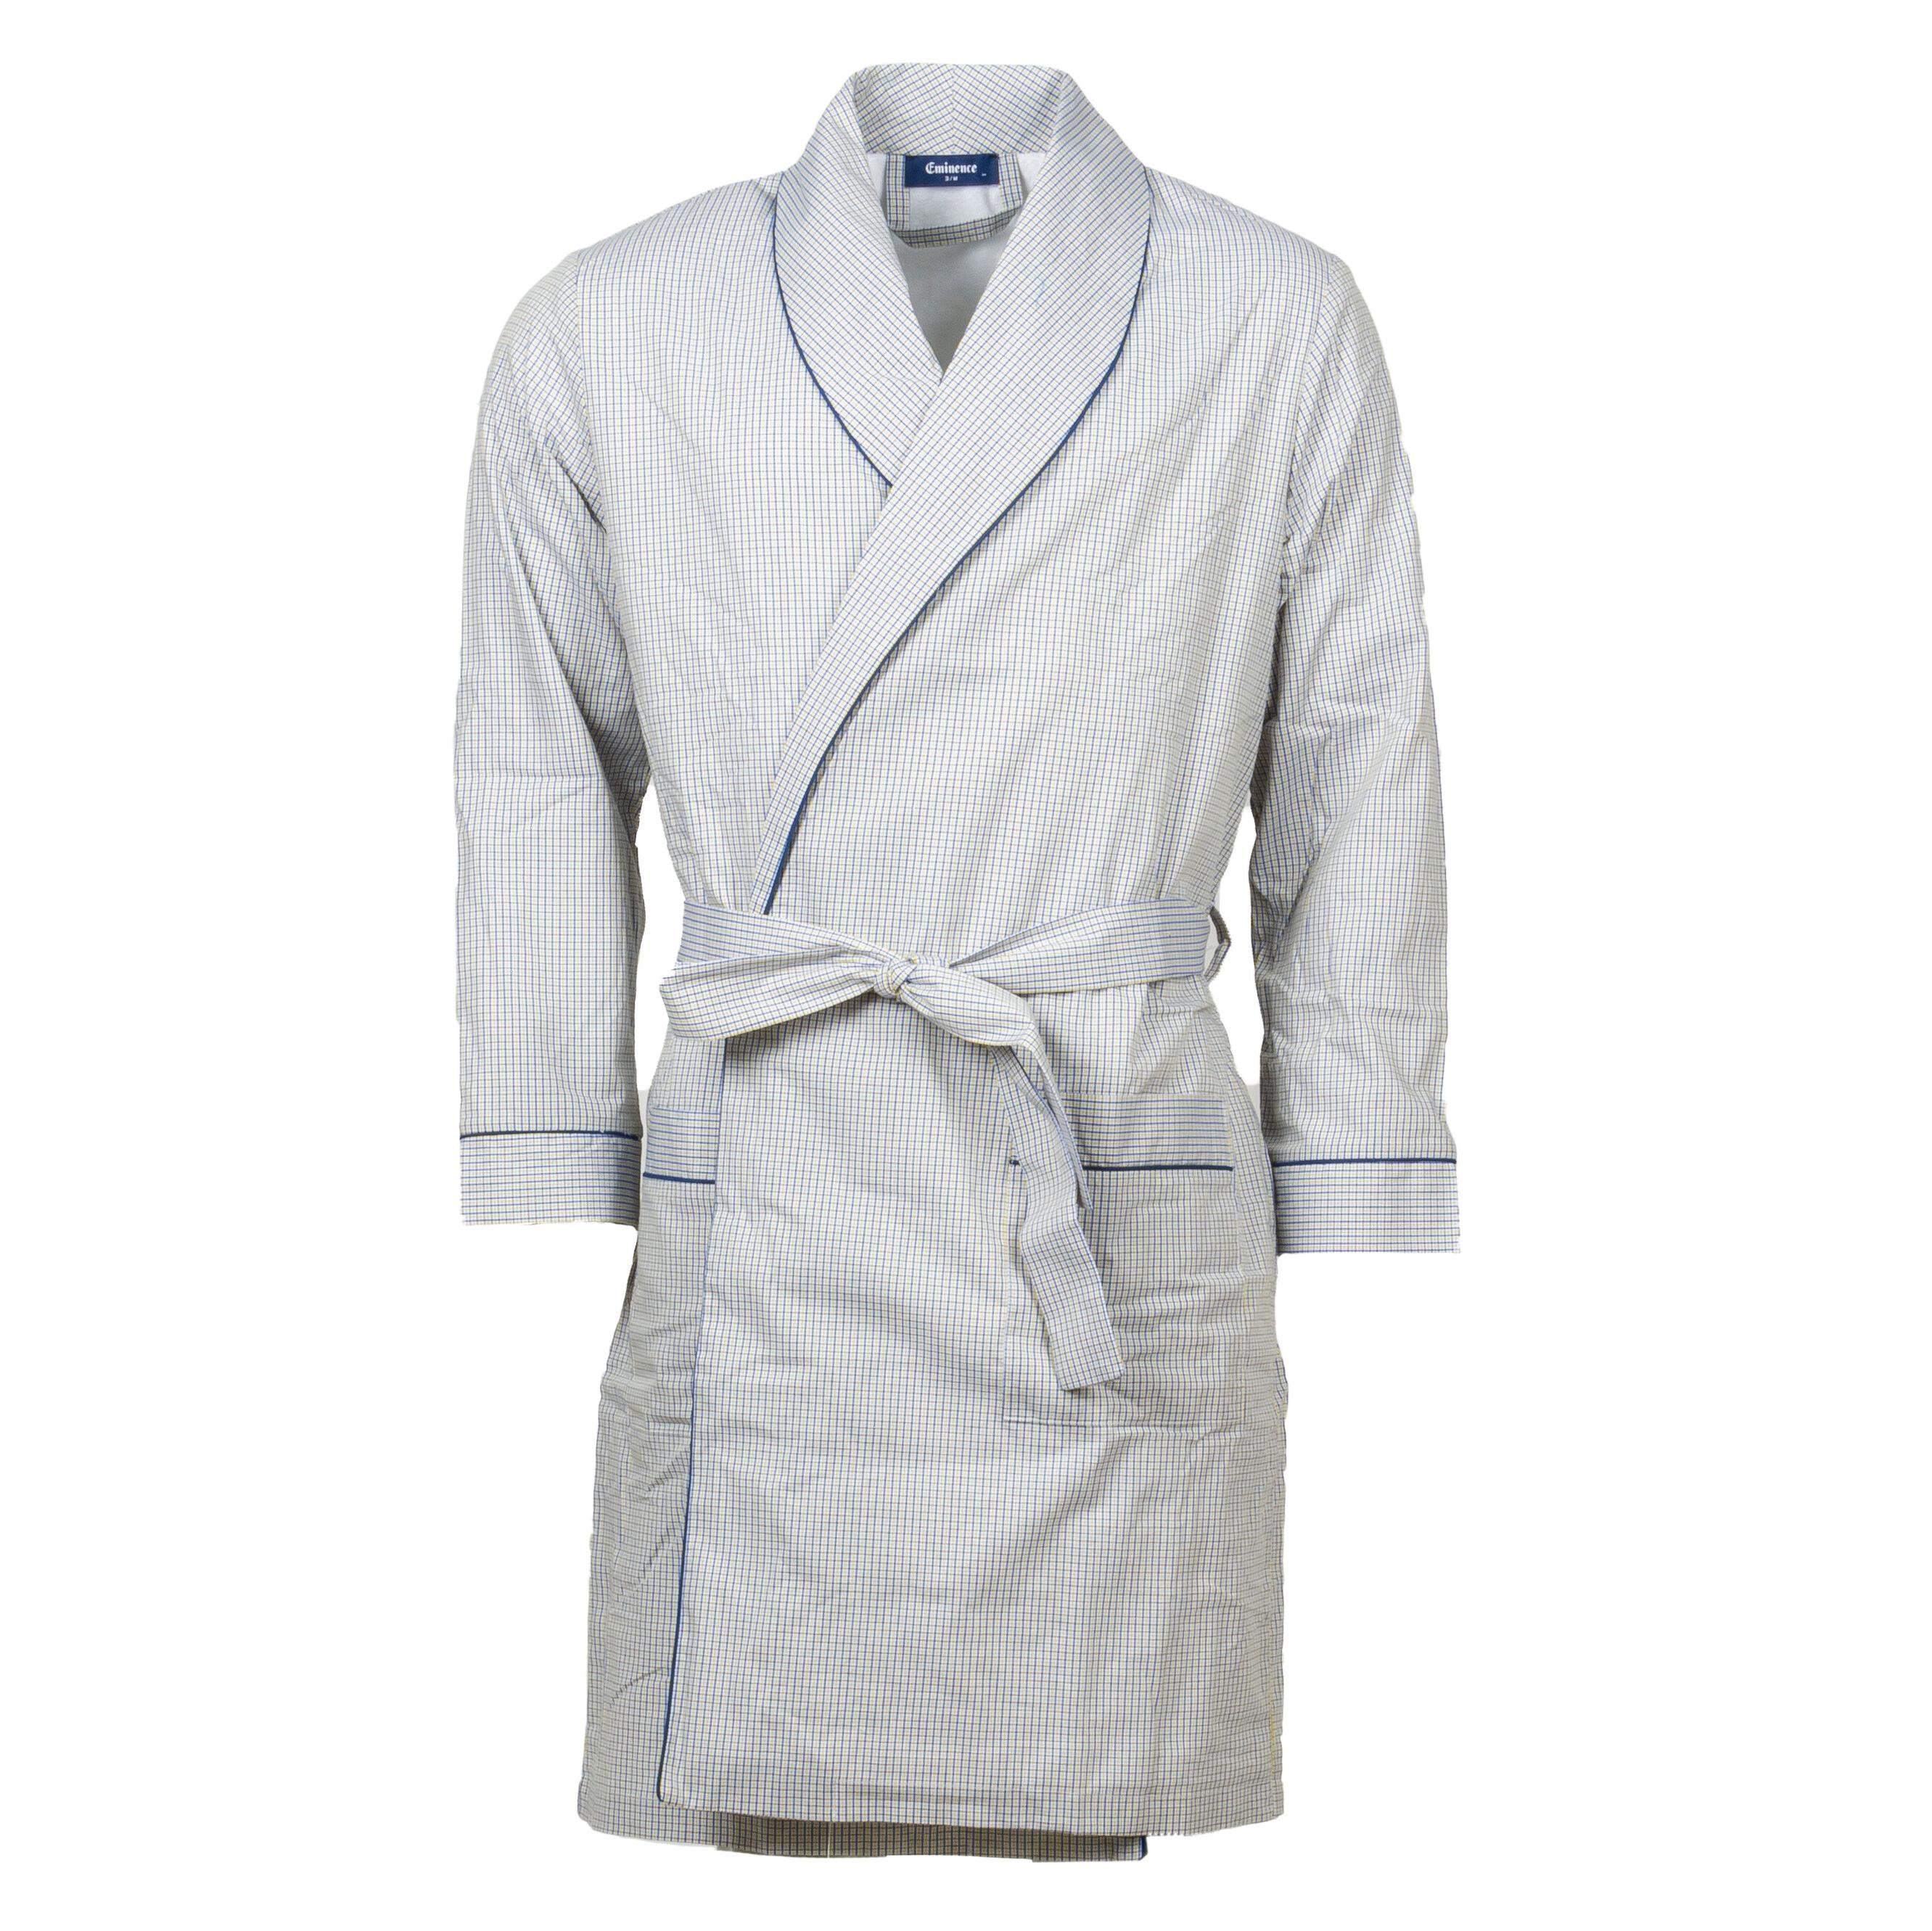 Eminence Robe de chambre Eminence en coton blanc à carreaux bleu marine et jaunes - BLANC -